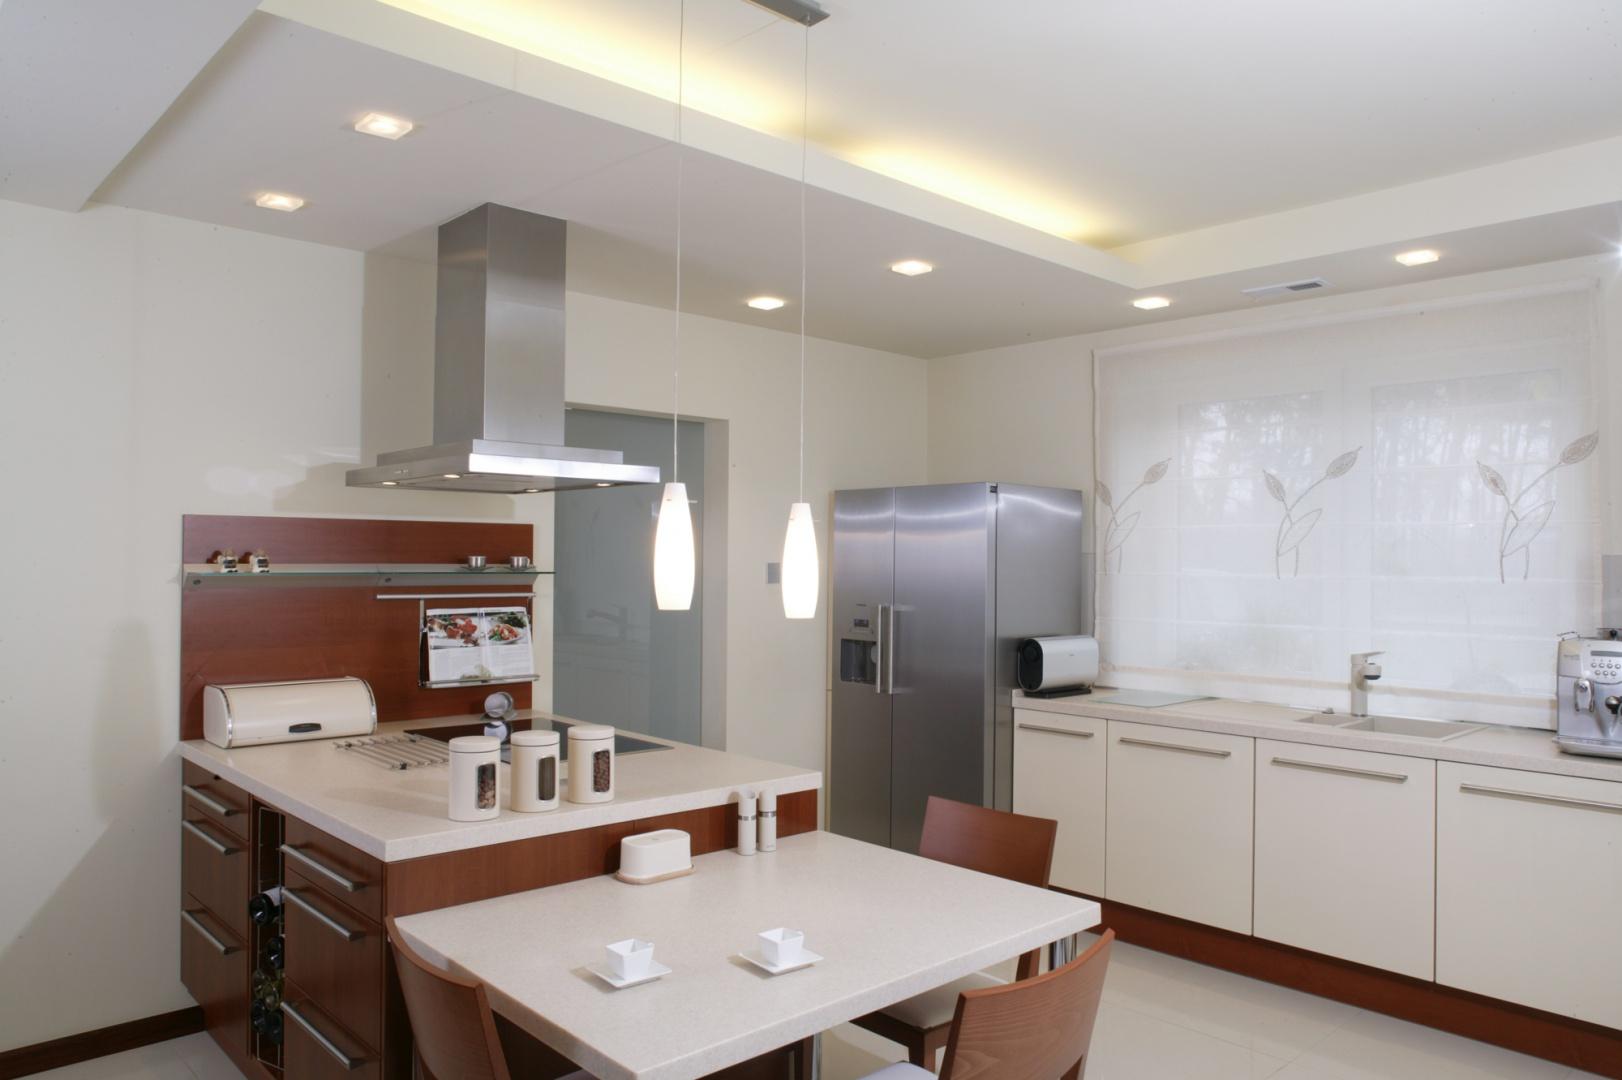 Uwagę zwraca tu Oświetlenie jest ważne w kuchni   -> Kuchnia Z Sufitem Podwieszanym